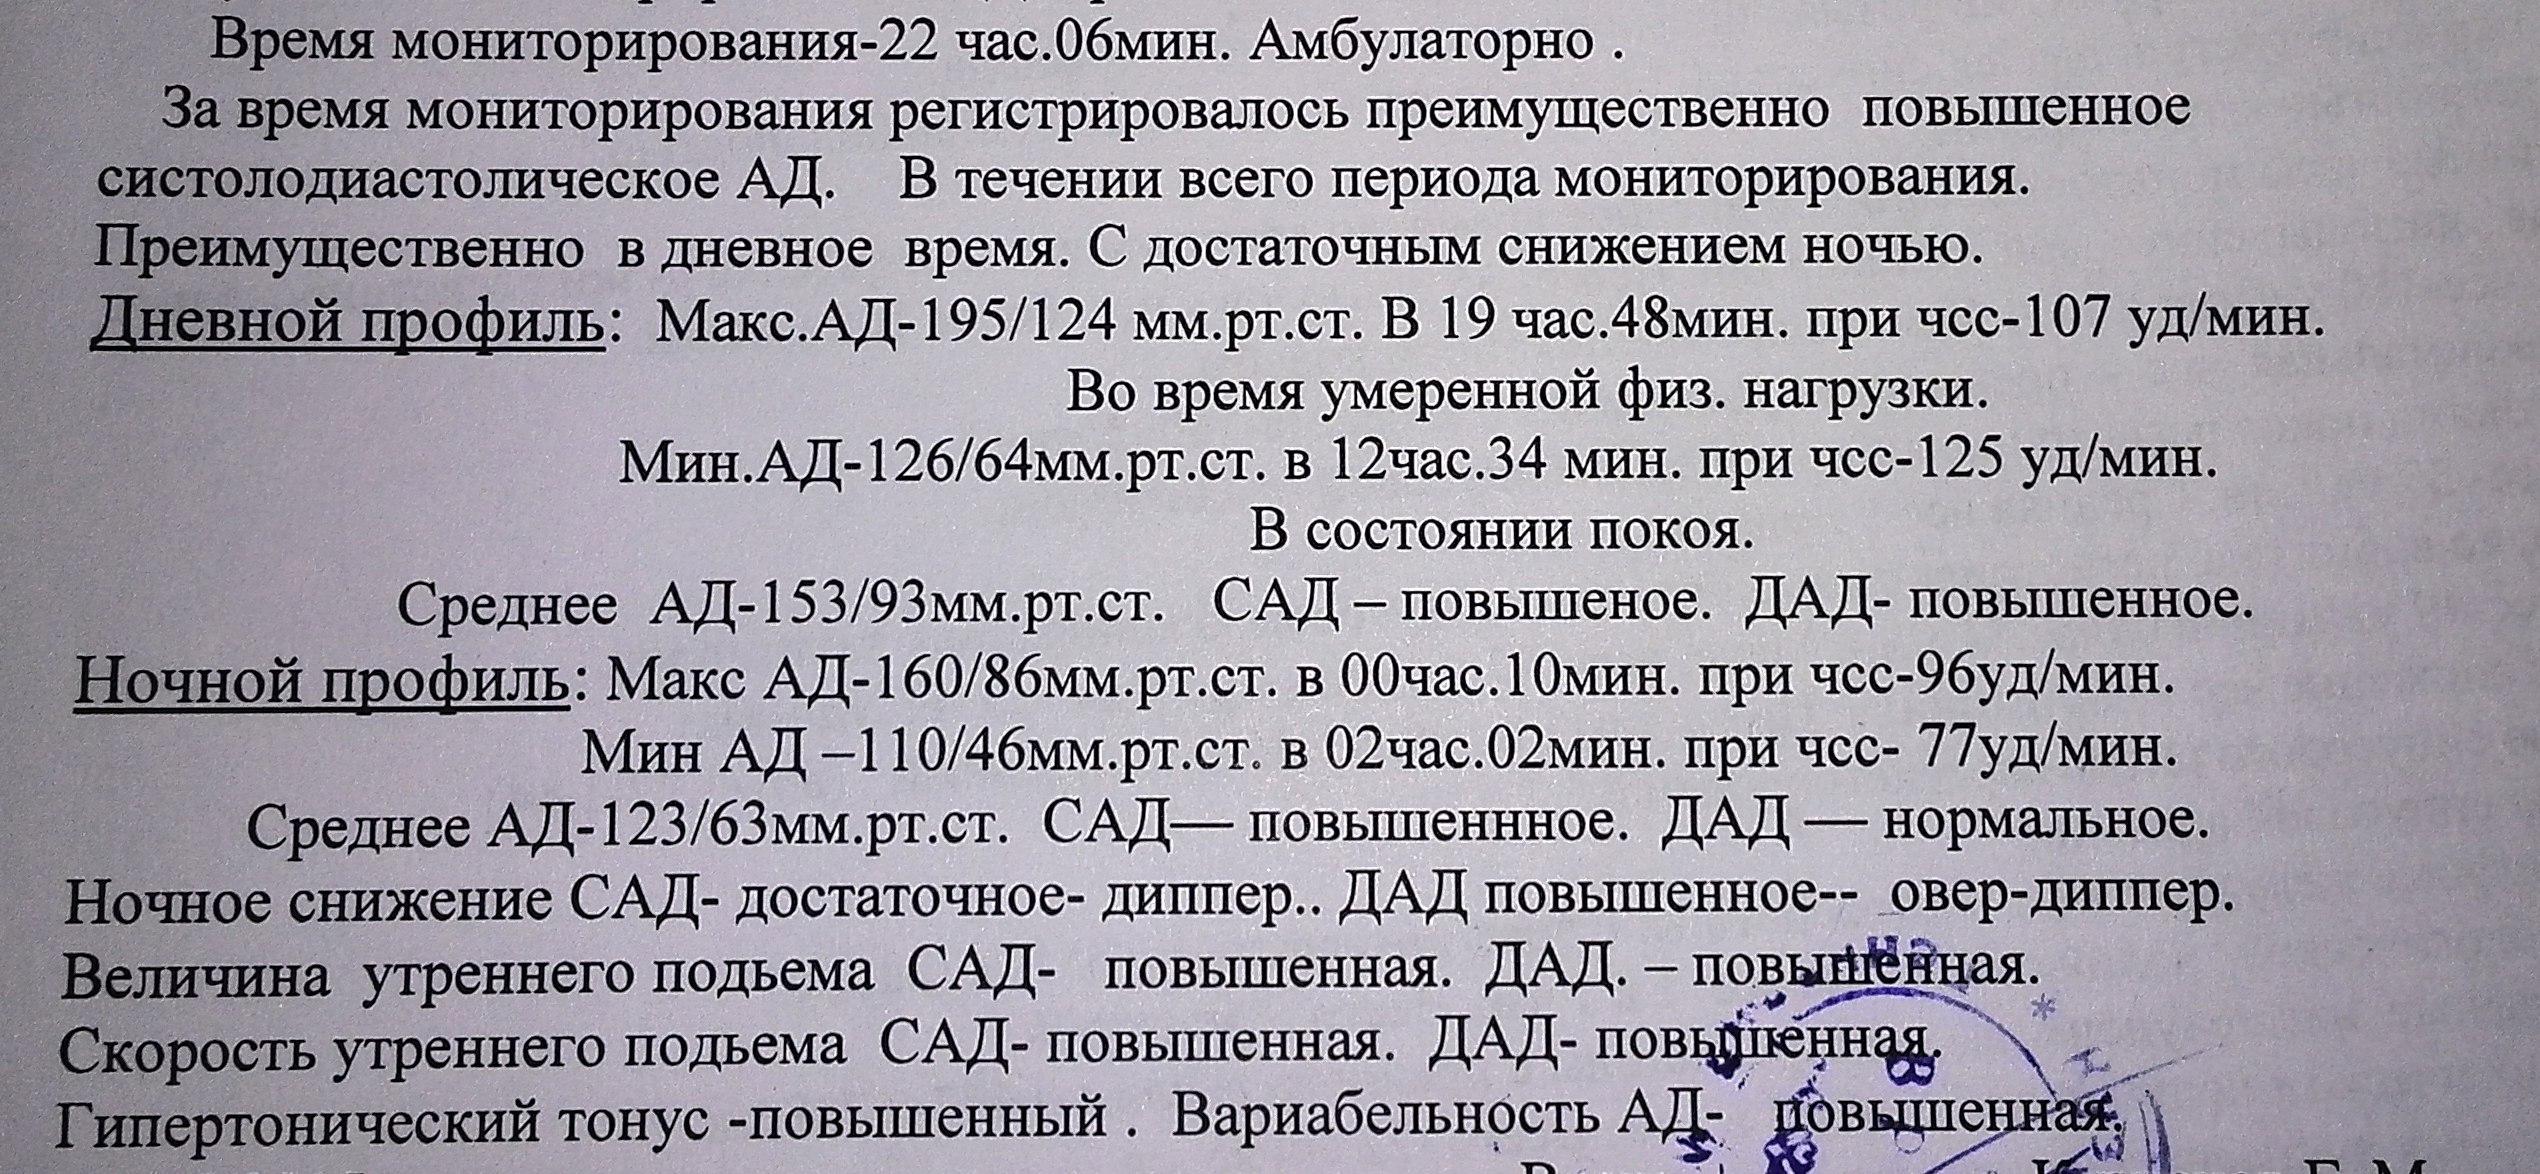 Гипертонические кризы  Медицинская энциклопедия